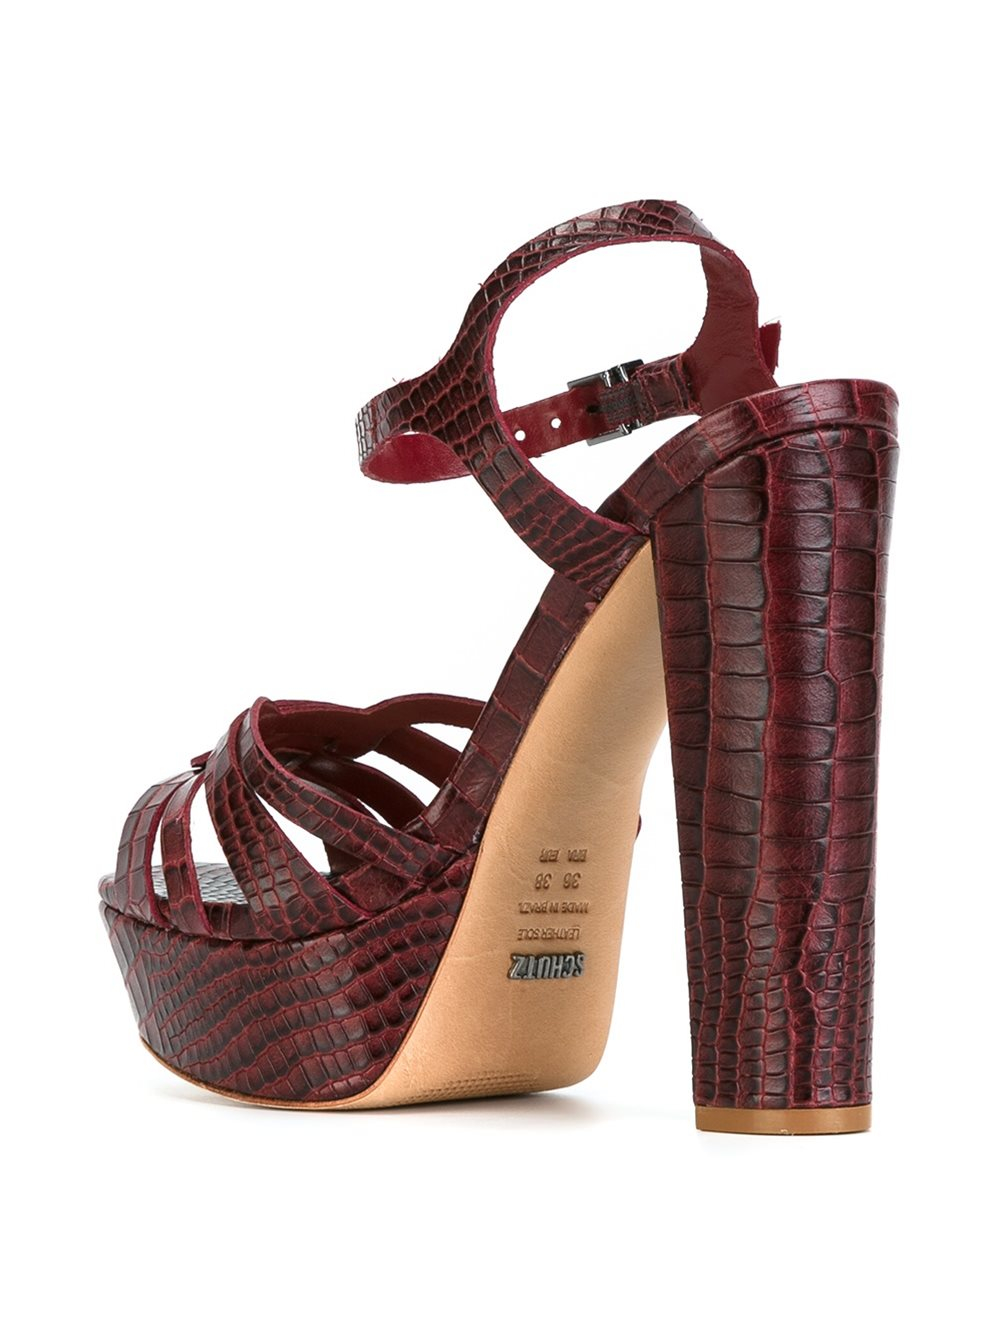 Lyst Schutz Platform Leather Sandals